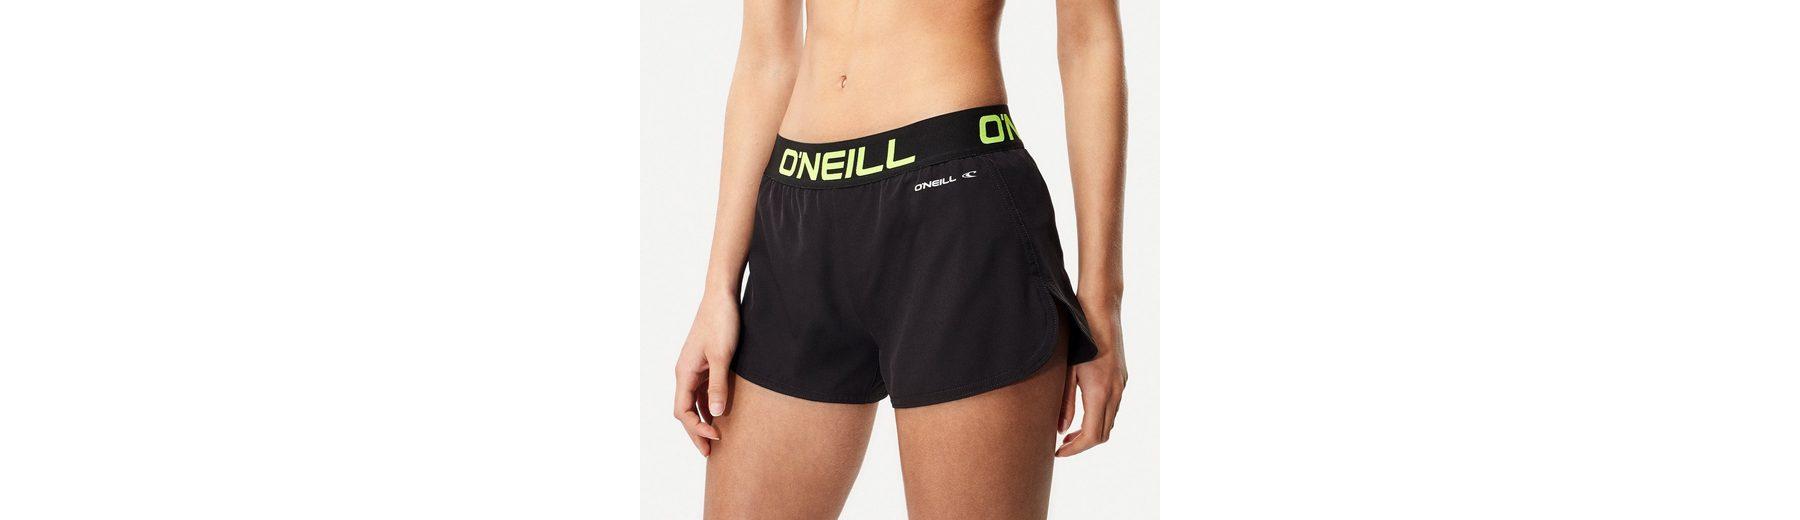 short O'Neill short O'Neill Sport sport Beach Sport short qEf0wIO